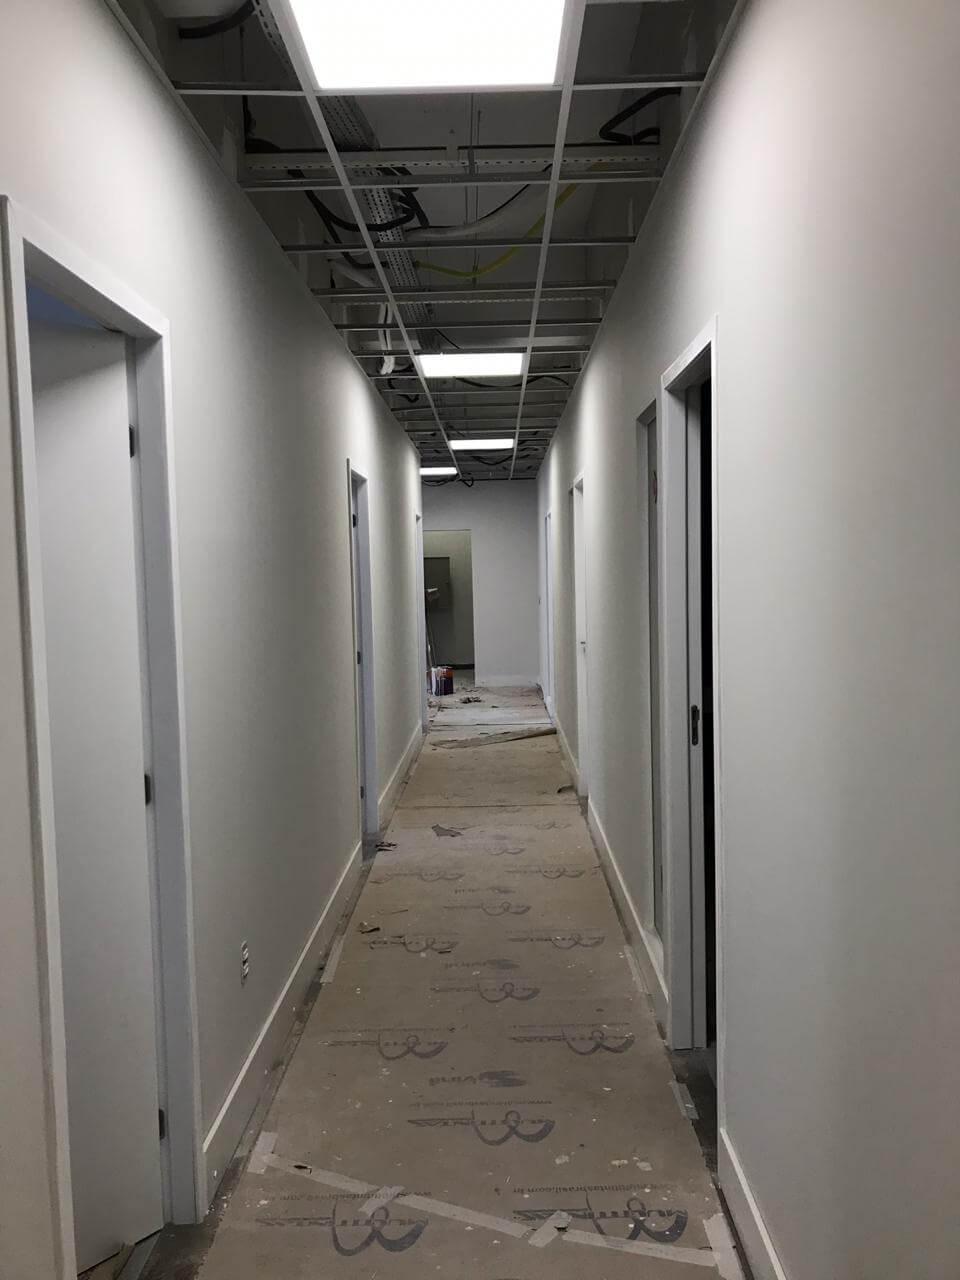 Novas instalações da unidade antes da inauguração